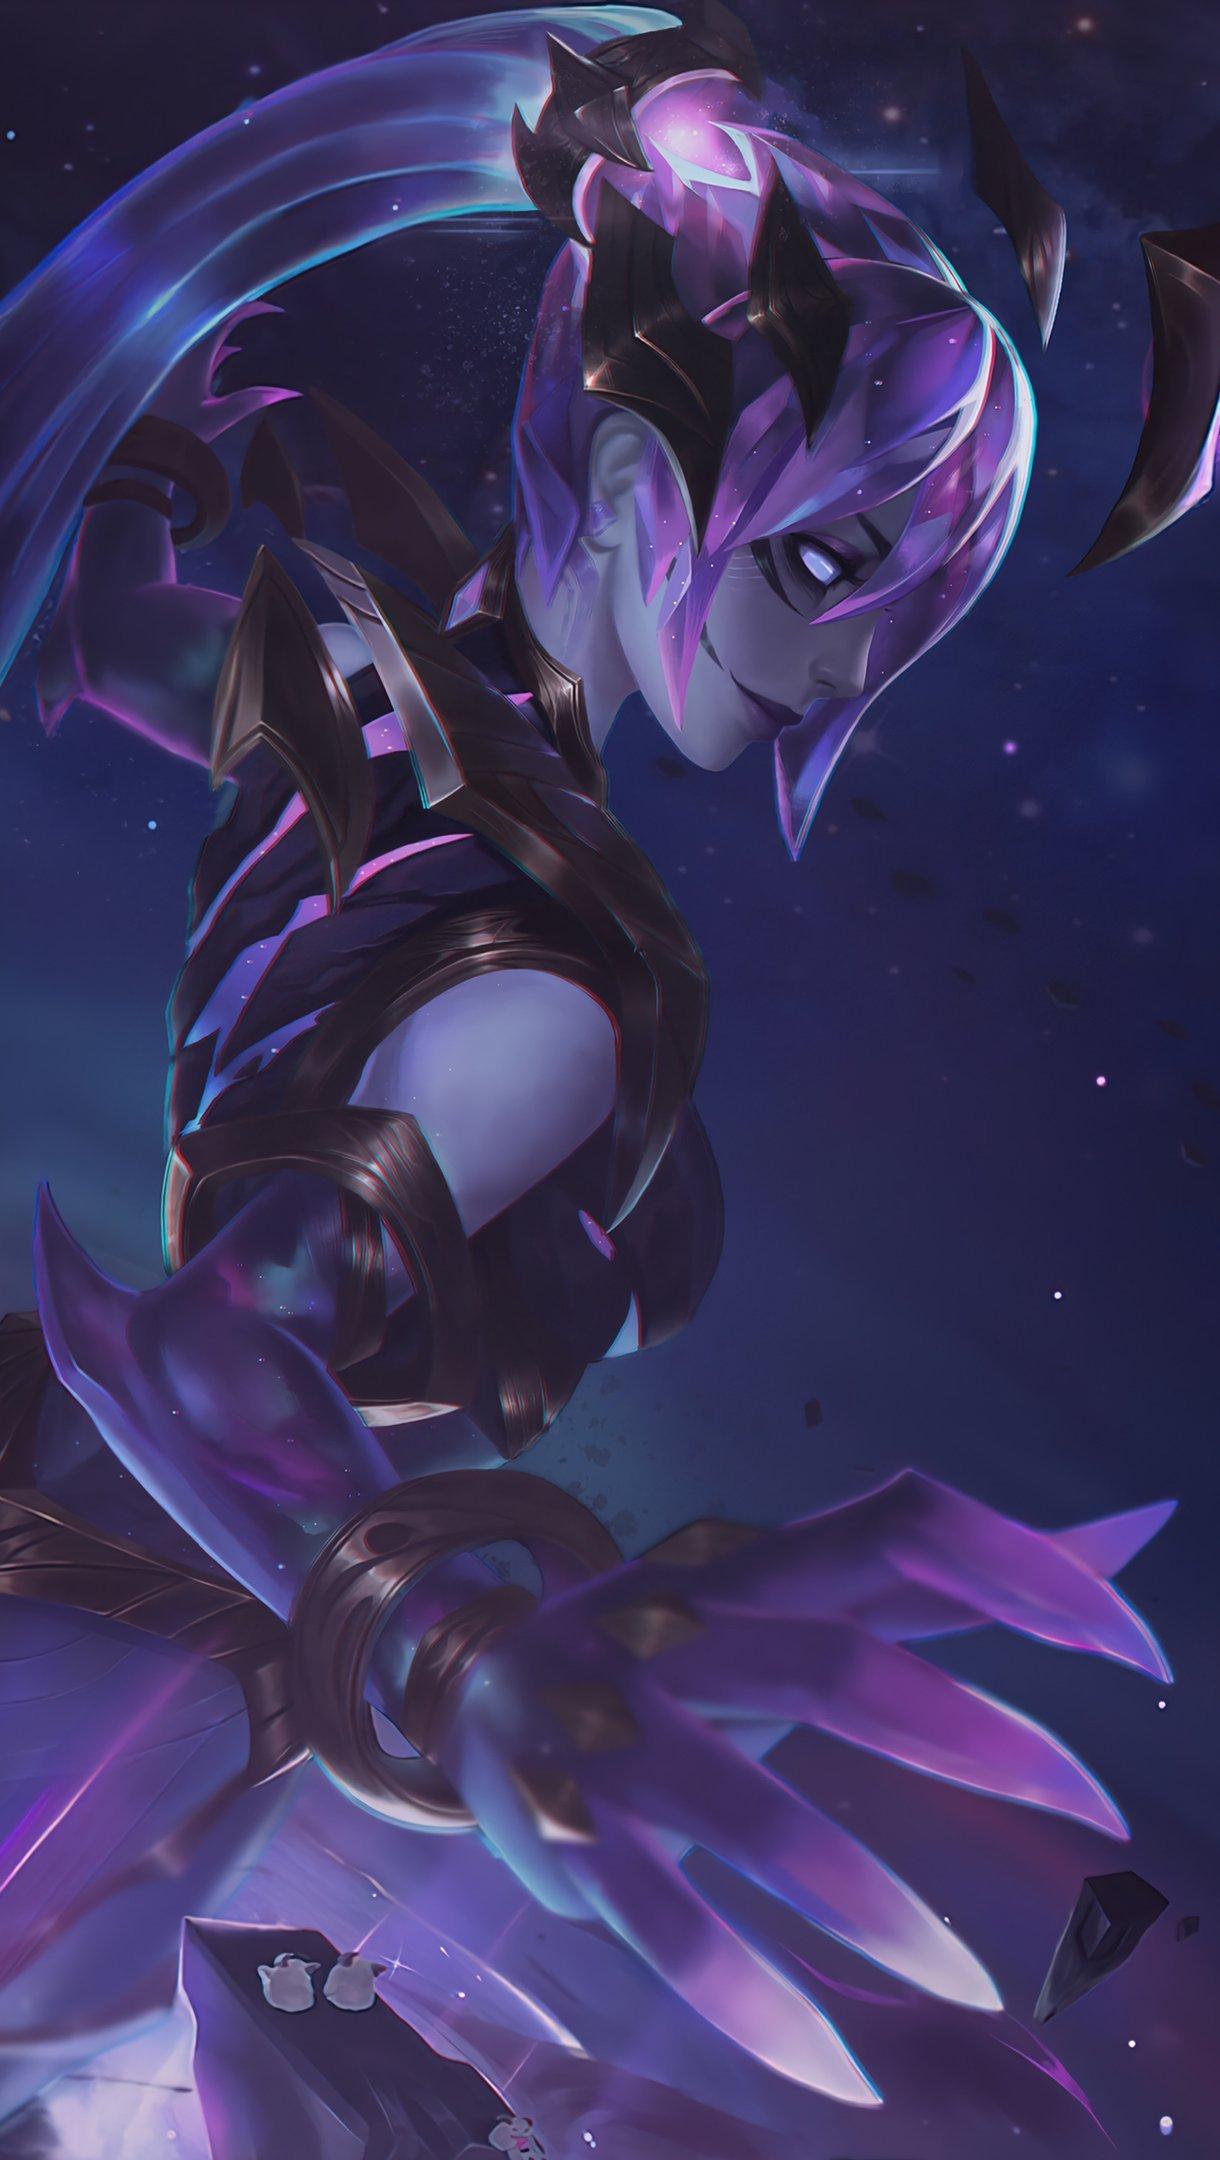 Wallpaper Syndra Dark Star League of Legends Vertical